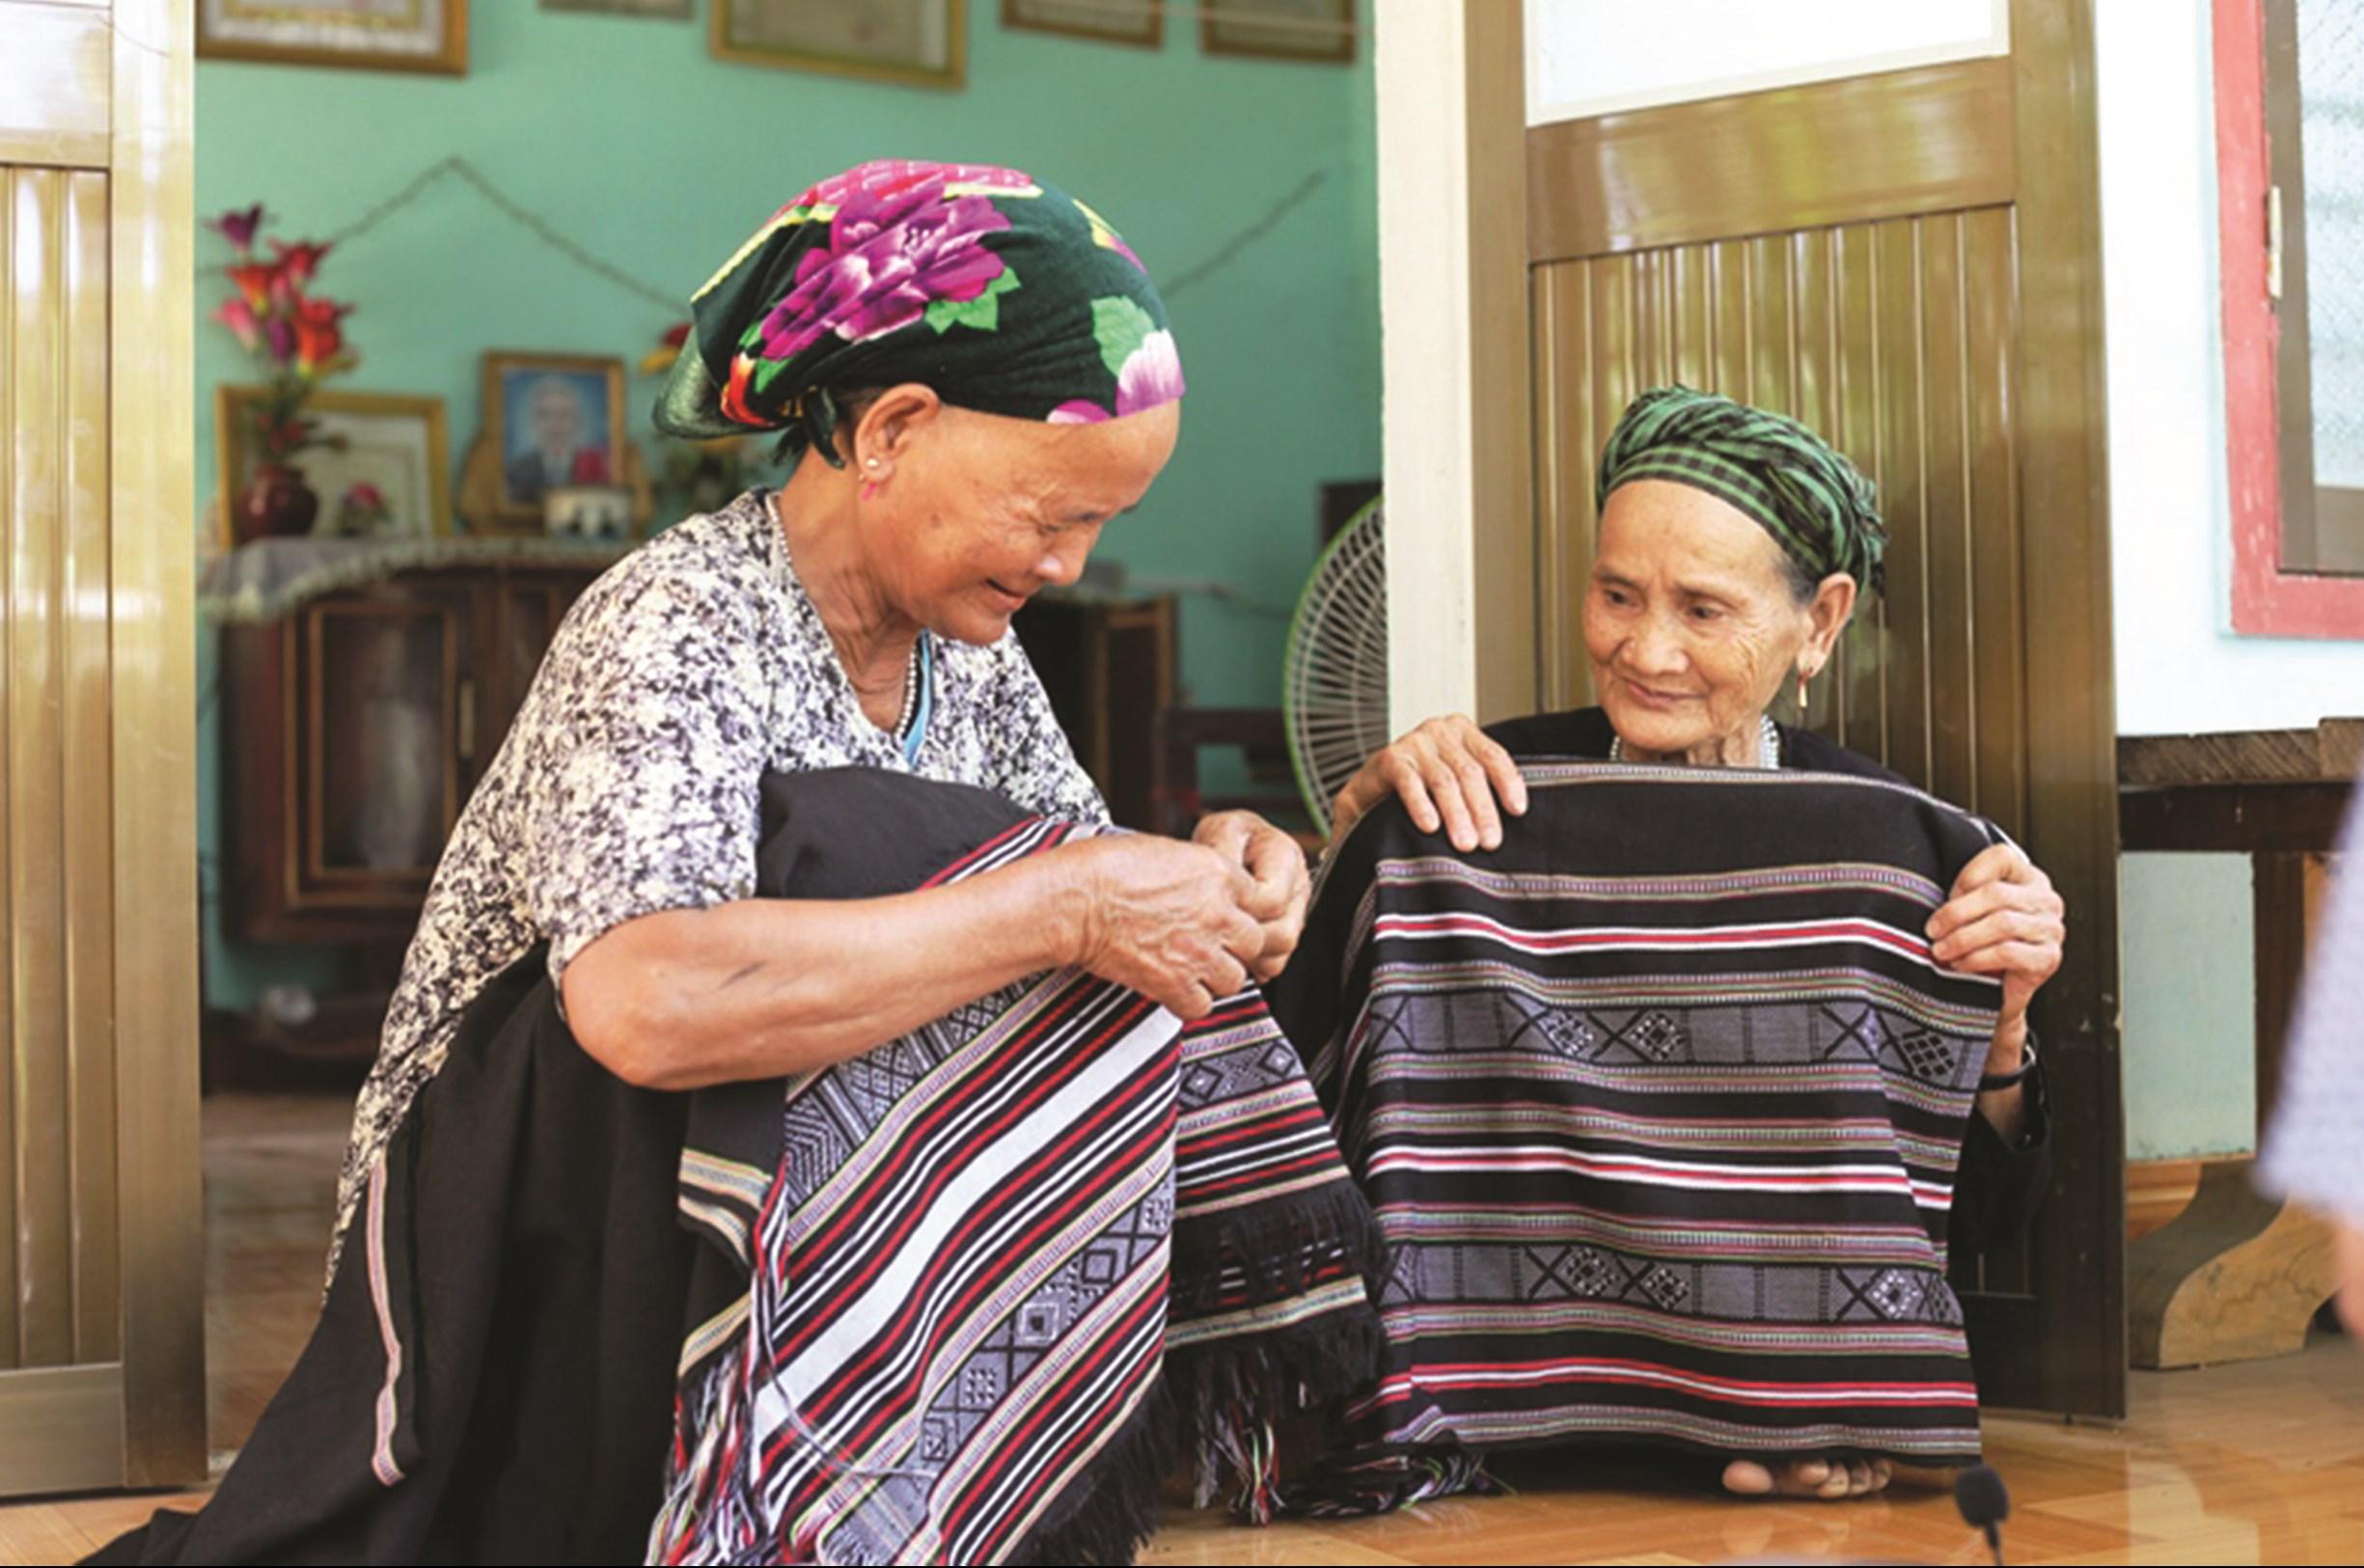 Thổ cẩm Làng Teng được khôi phục và trở thành sản phẩm phục vụ du lịch